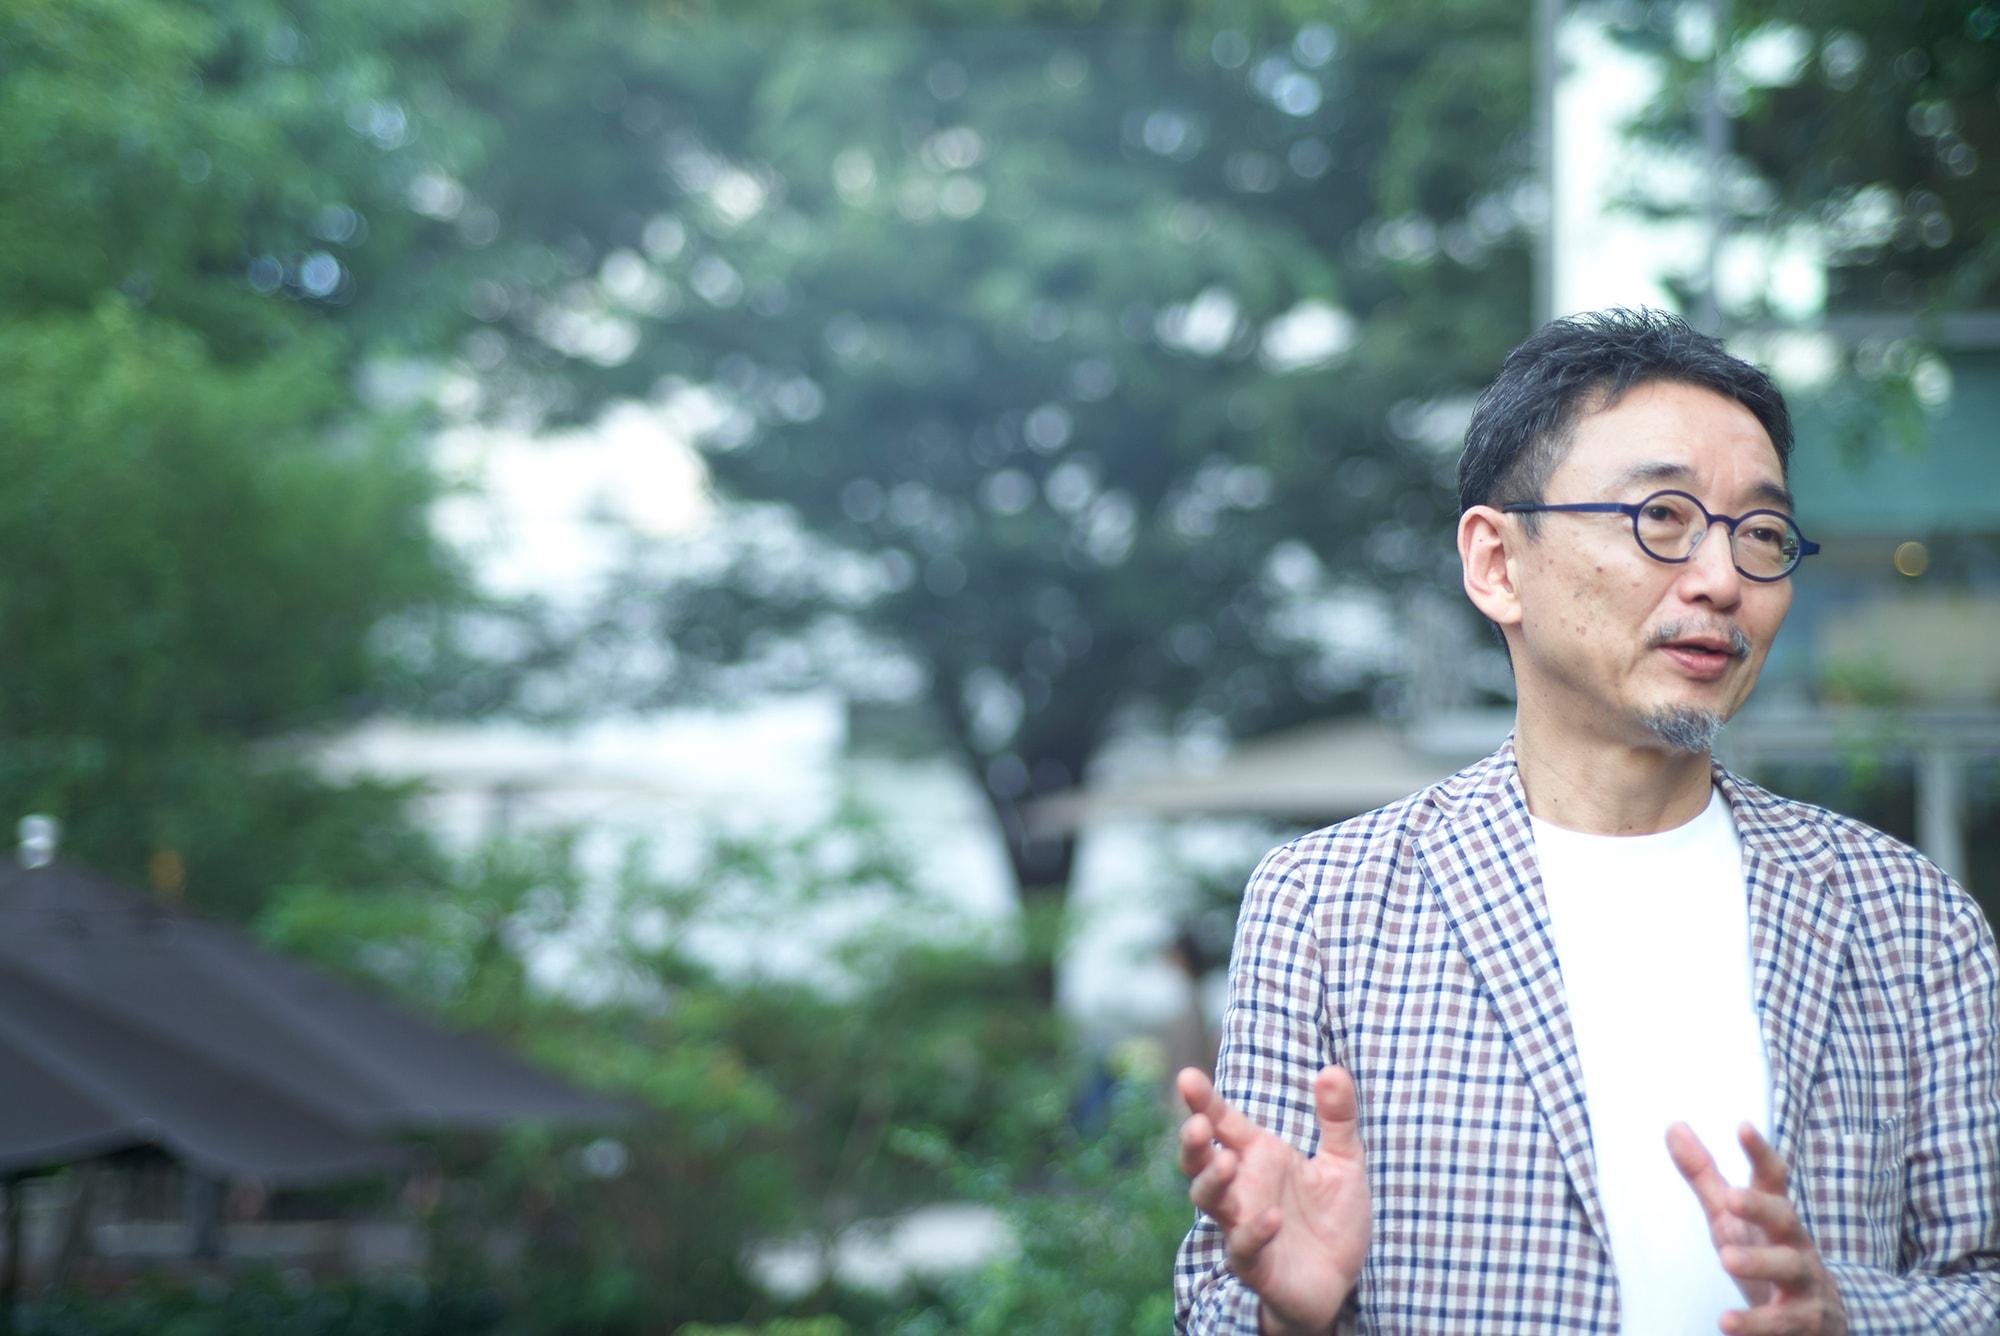 小崎哲哉インタヴュー「経験が鑑賞に活きてくるから、現代アートは面白い」 | 小崎哲哉